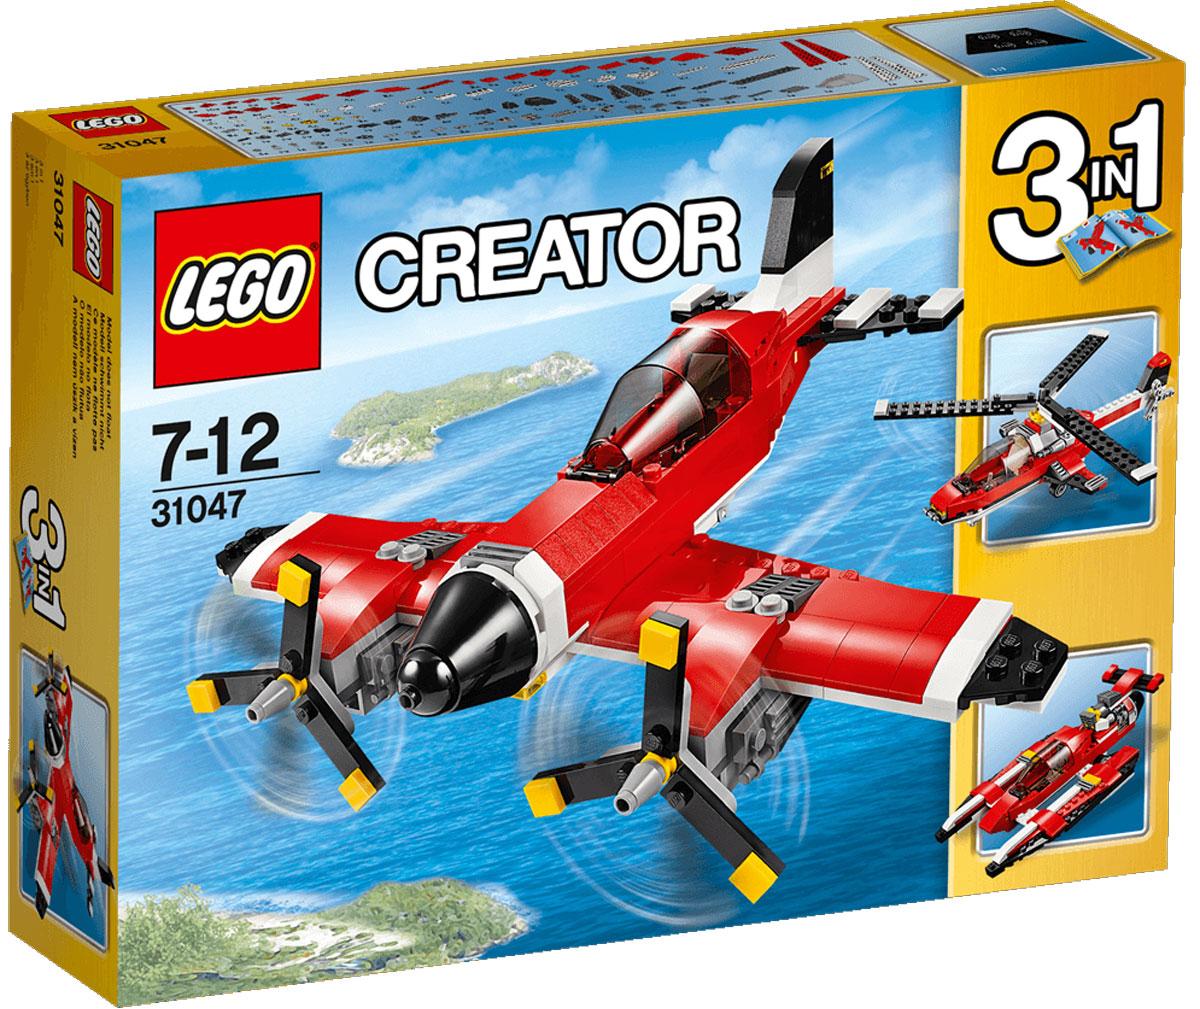 LEGO Creator Конструктор Путешествие по воздуху 3104731047Испытайте этот классический самолет, раскрашенный в красный, белый и черный цвета и оснащенный вращающимися винтами и открывающейся кабиной с местом для минифигурки (не входит в комплект). Прыгайте в кабину, оставьте взлетную полосу внизу и взлетайте под облака. А когда полет закончится, выпускайте шасси, чтобы совершить идеальную посадку! Перестройте модель в высокотехнологичный гидроплан или вертолет. Набор включает в себя 230 разноцветных пластиковых элементов. Конструктор - это один из самых увлекательных и веселых способов времяпрепровождения. Ребенок сможет часами играть с конструктором, придумывая различные ситуации и истории.